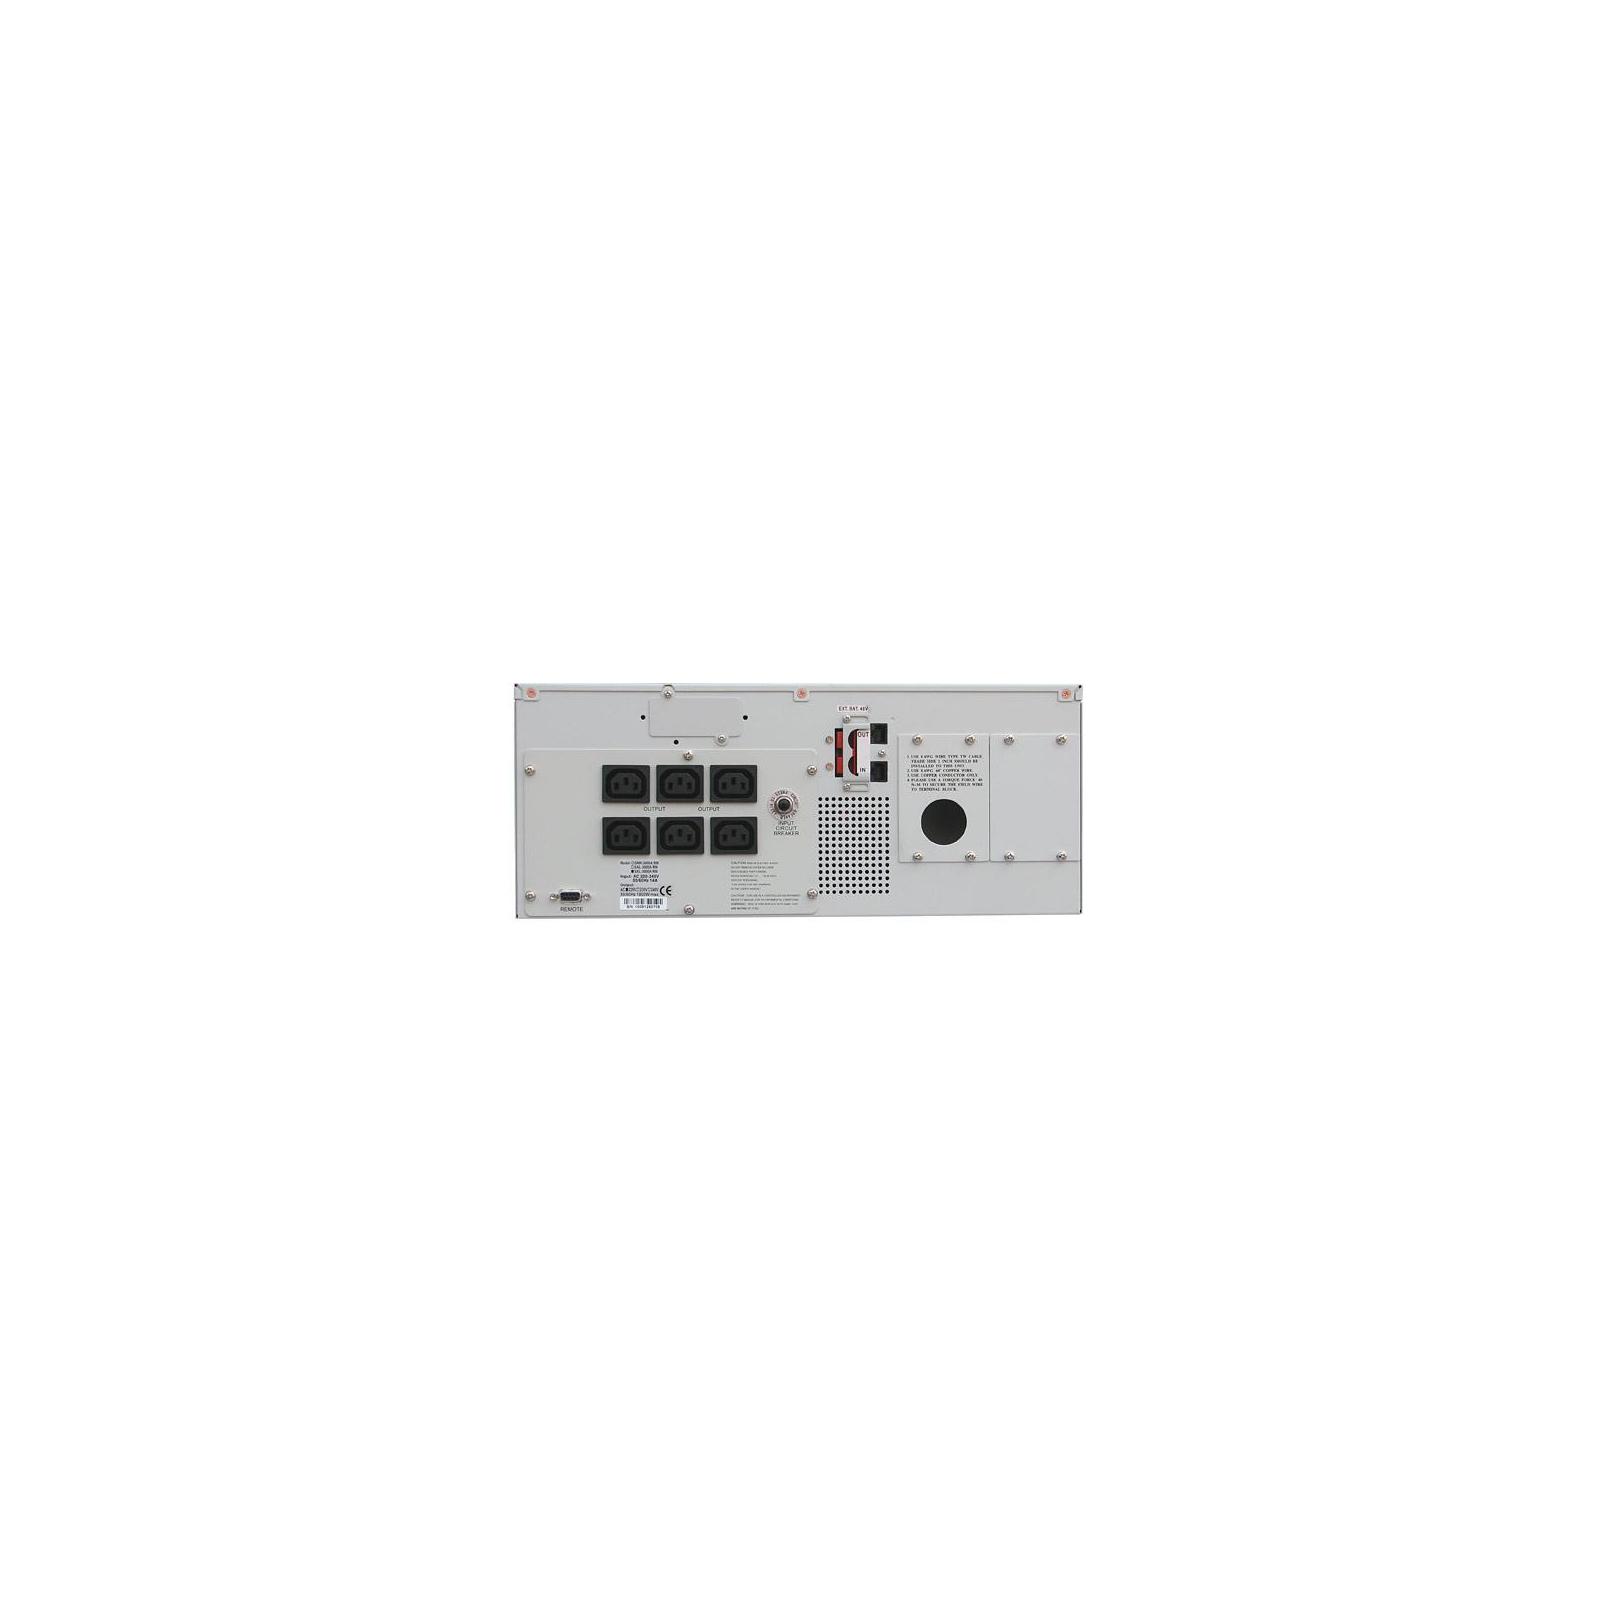 Источник бесперебойного питания Powercom SXL-1500A-LCD RM (RXL-1K5A-6GC-2440) изображение 2